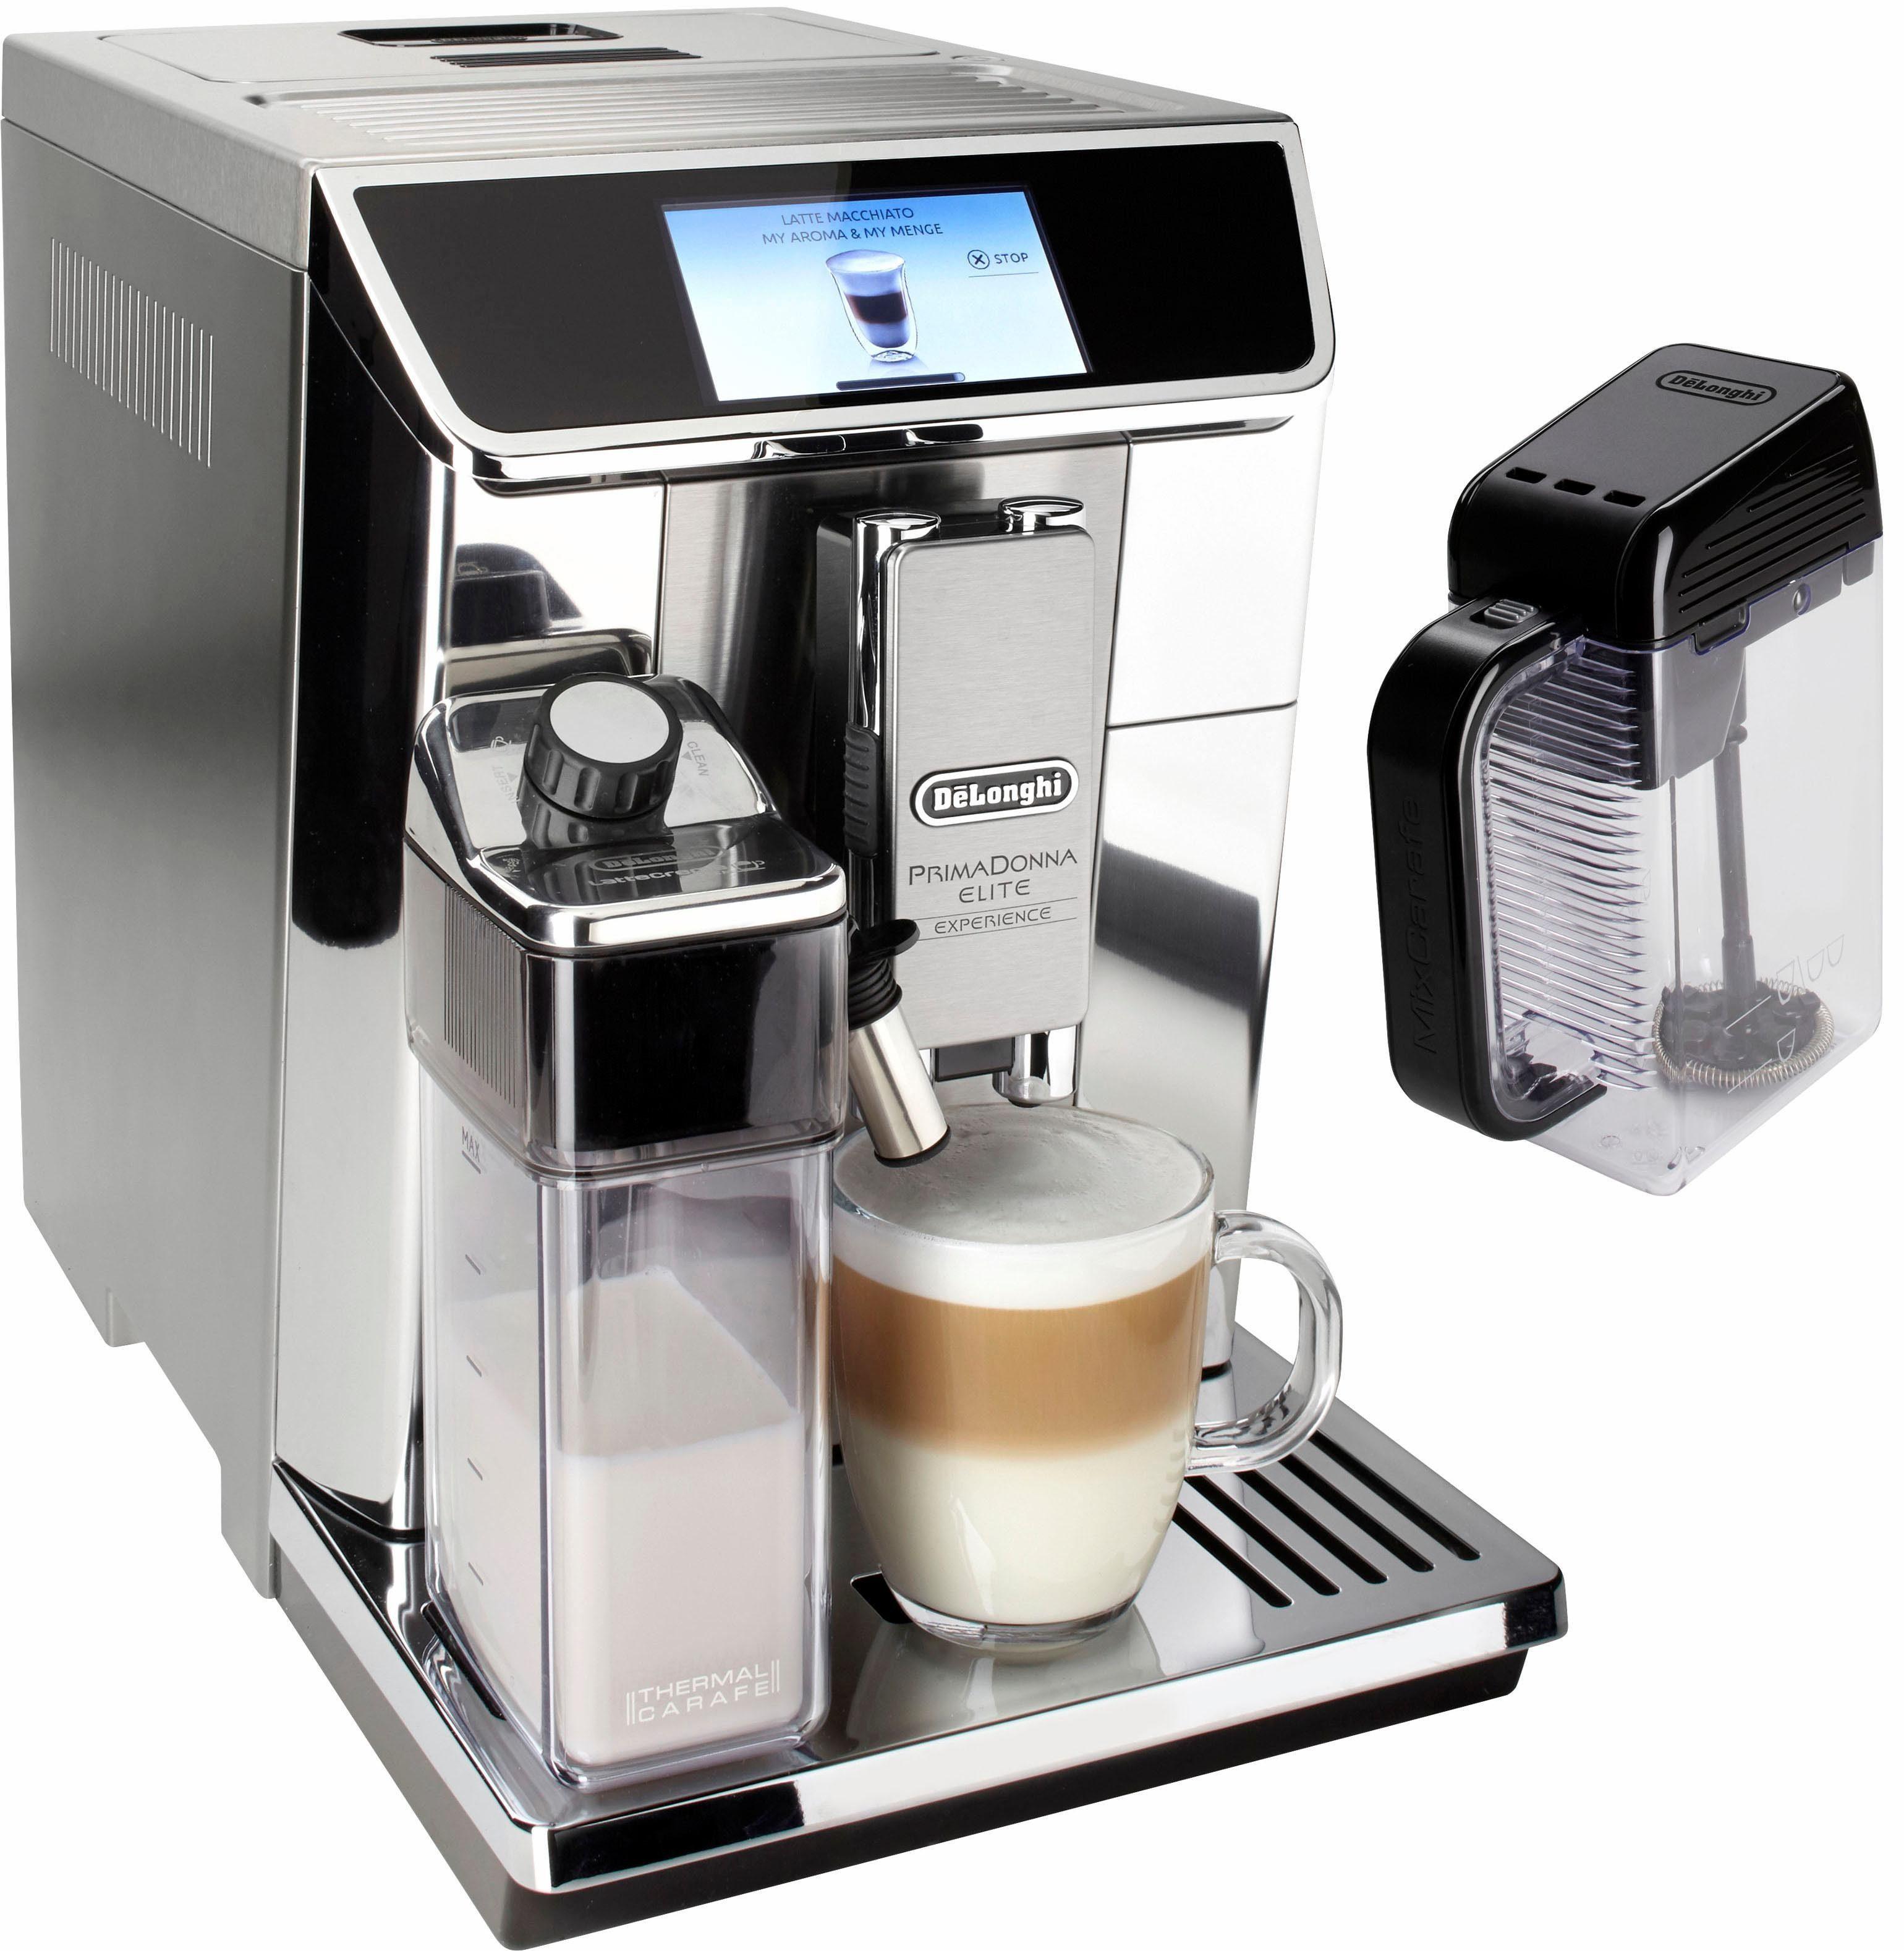 De'Longhi Kaffeevollautomat PrimaDonna Elite Experience »ECAM 656.85.MS«, auch für Kaltgetränkevariationen